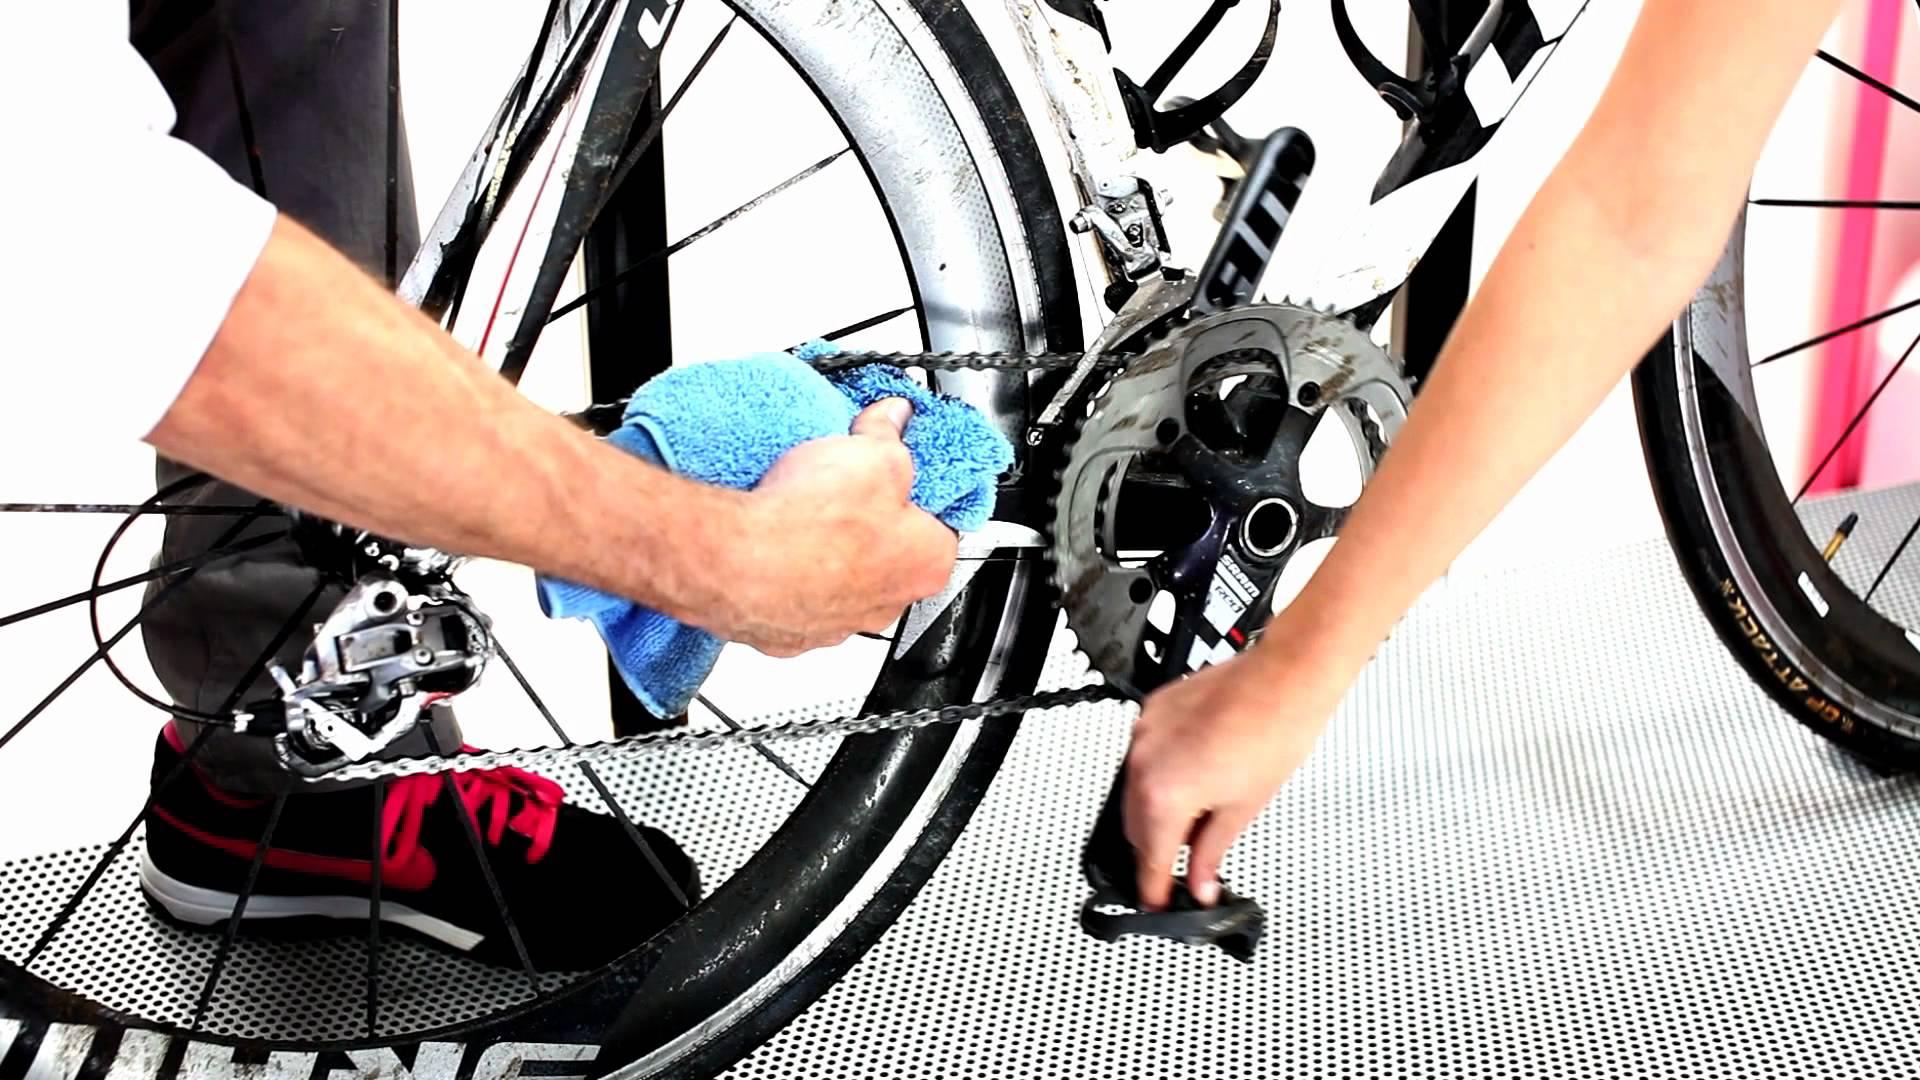 Prendas de Natal para quem gosta de andar de bicicleta